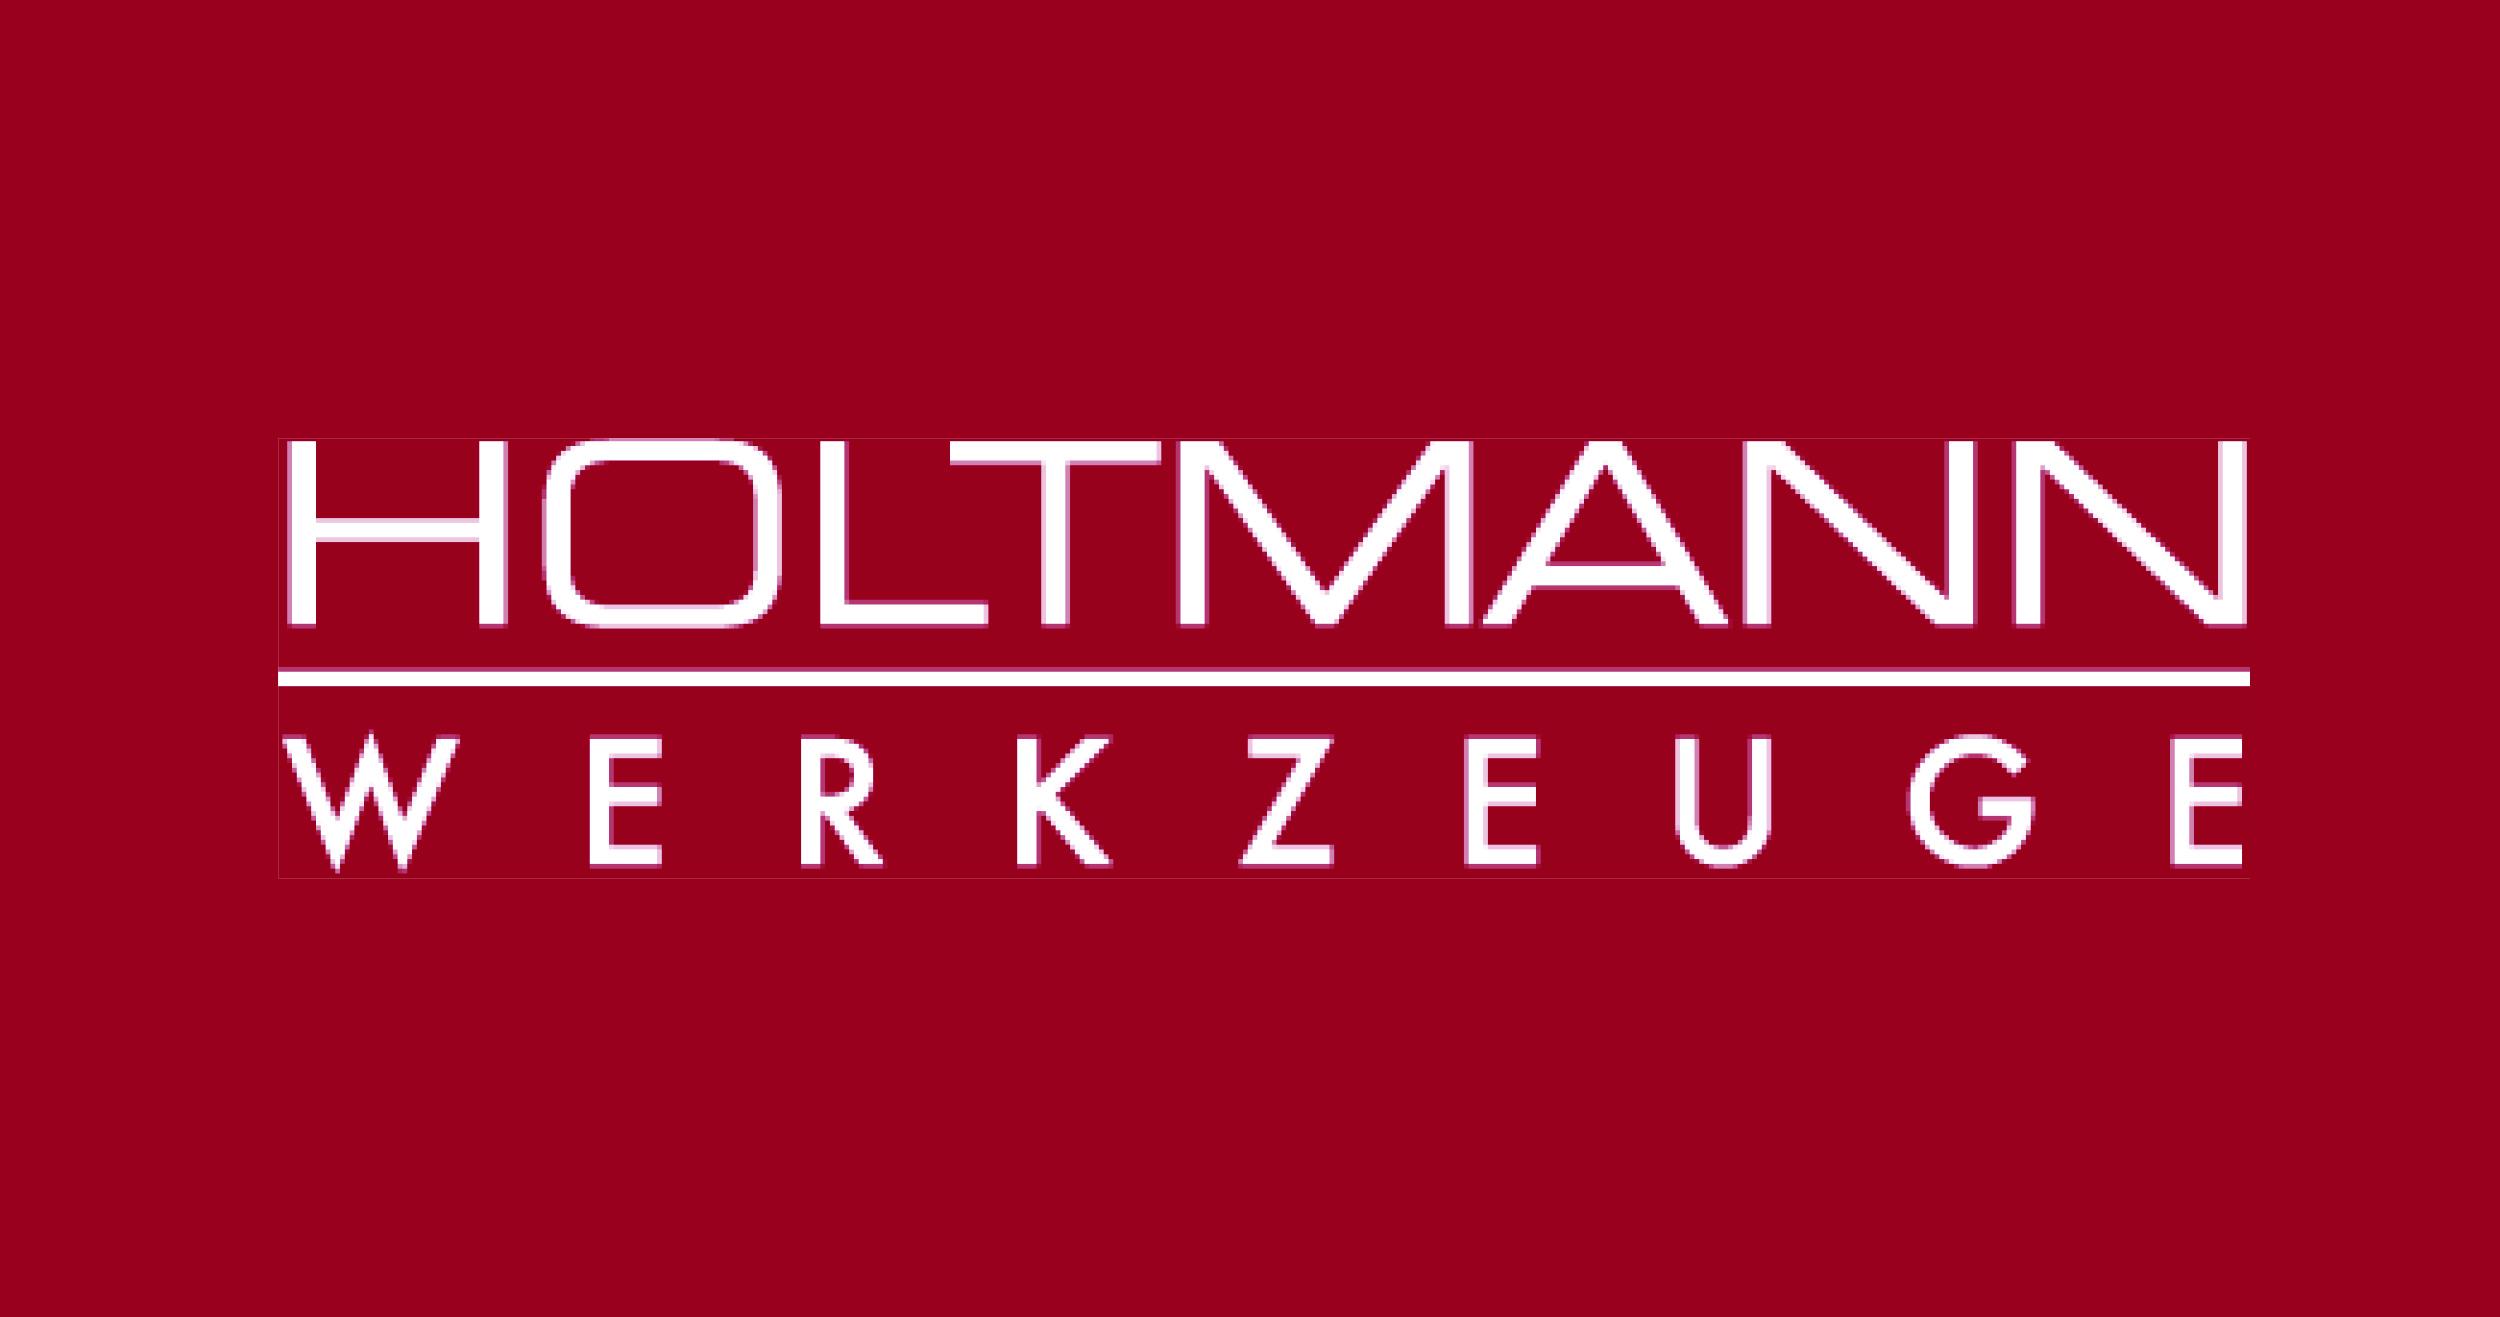 HOLTMANN